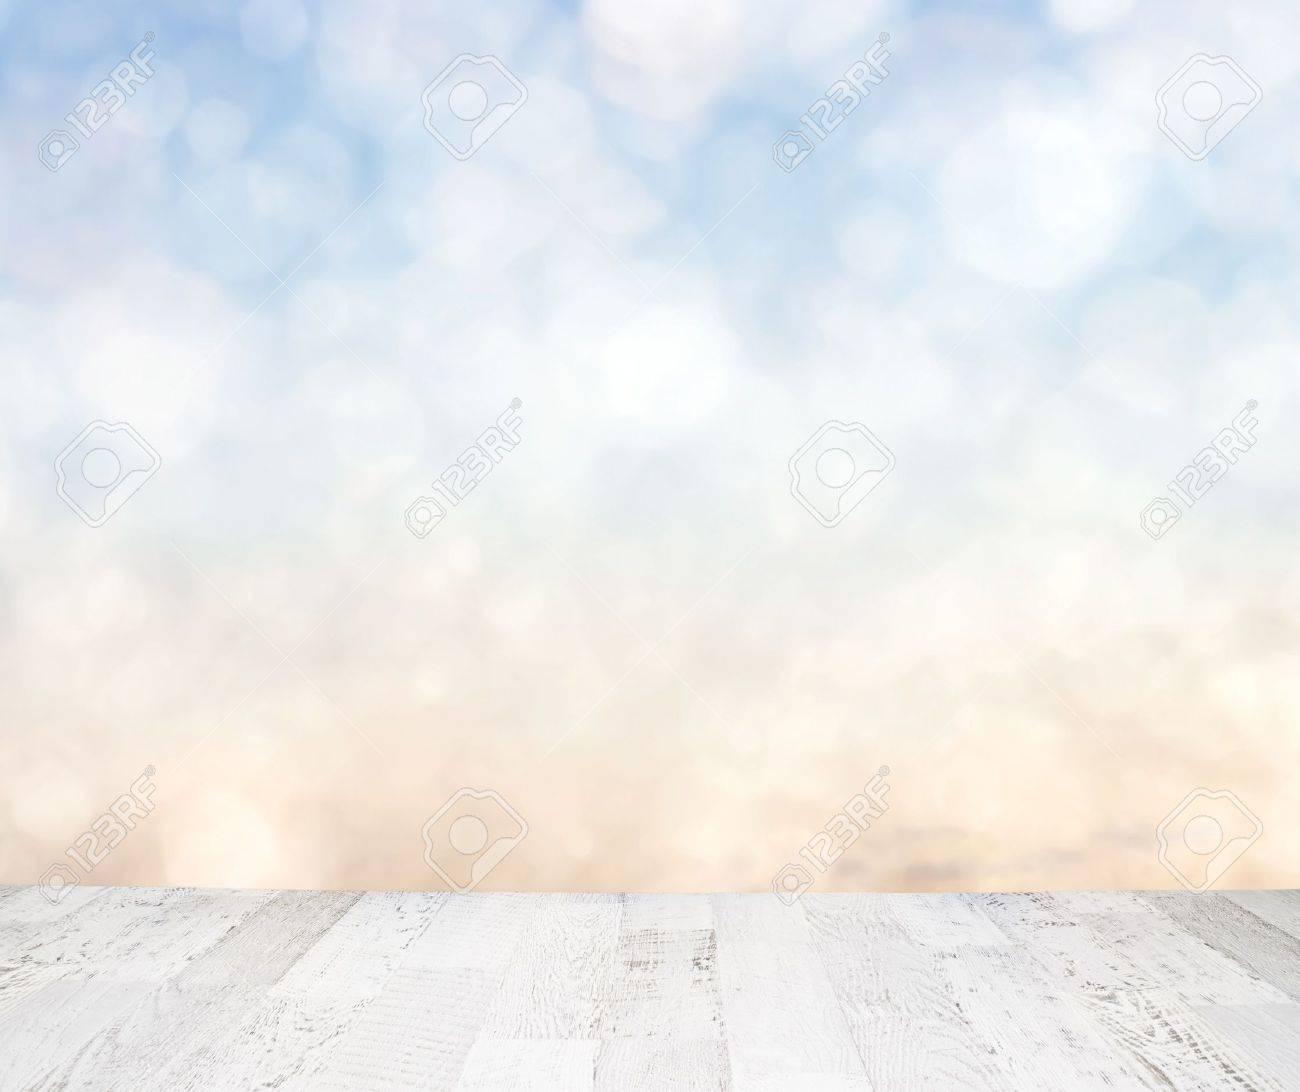 Blue sky behind wooden floor Stock Photo - 14272009